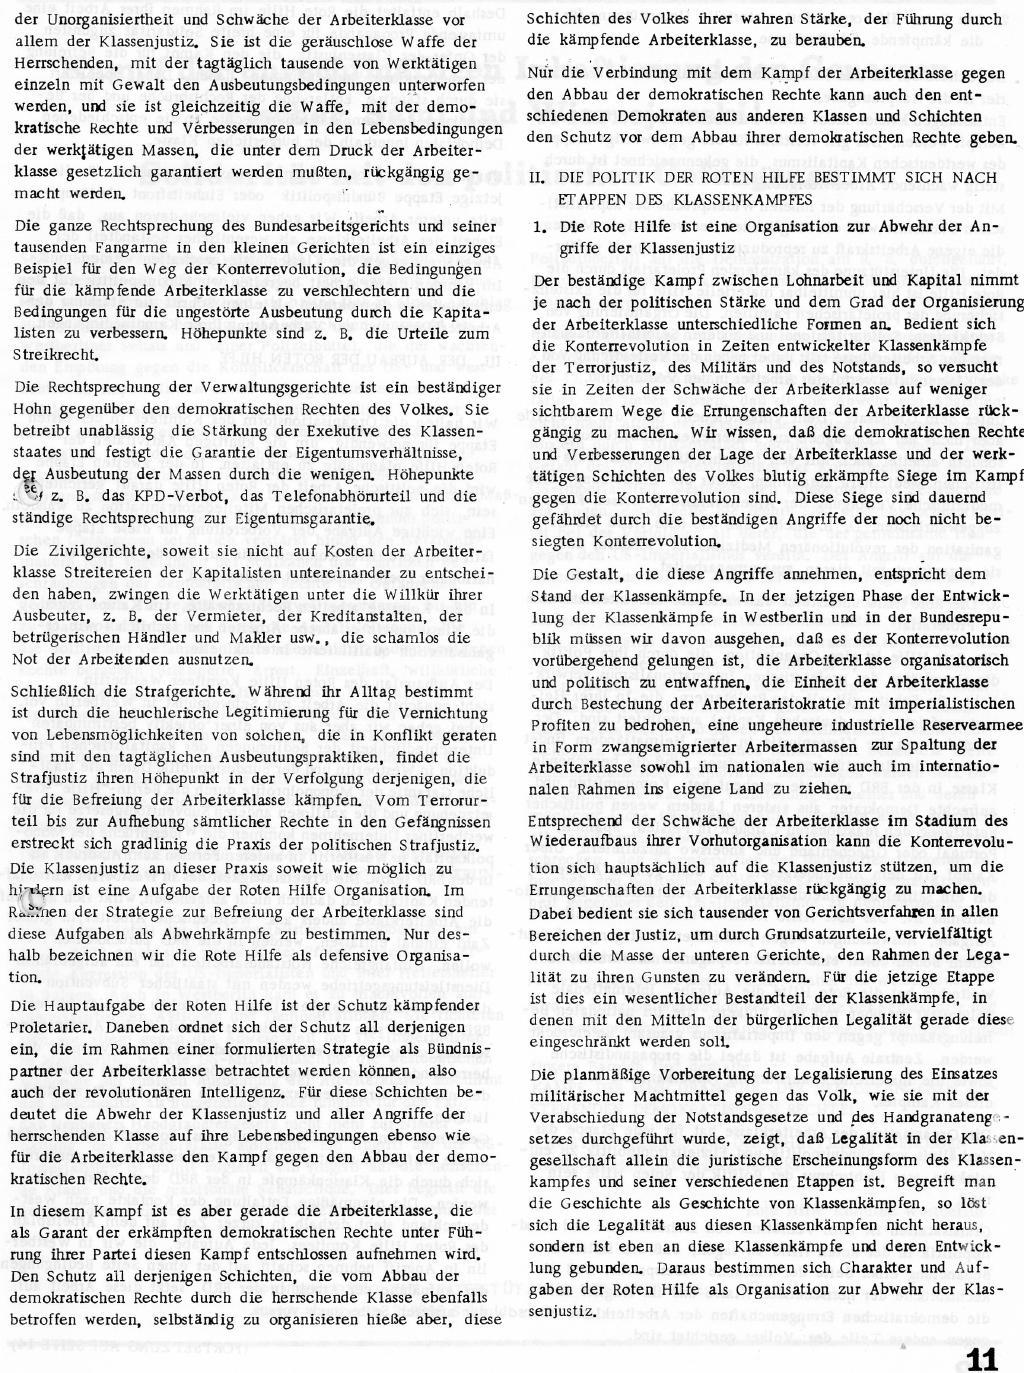 RPK_1971_100_11